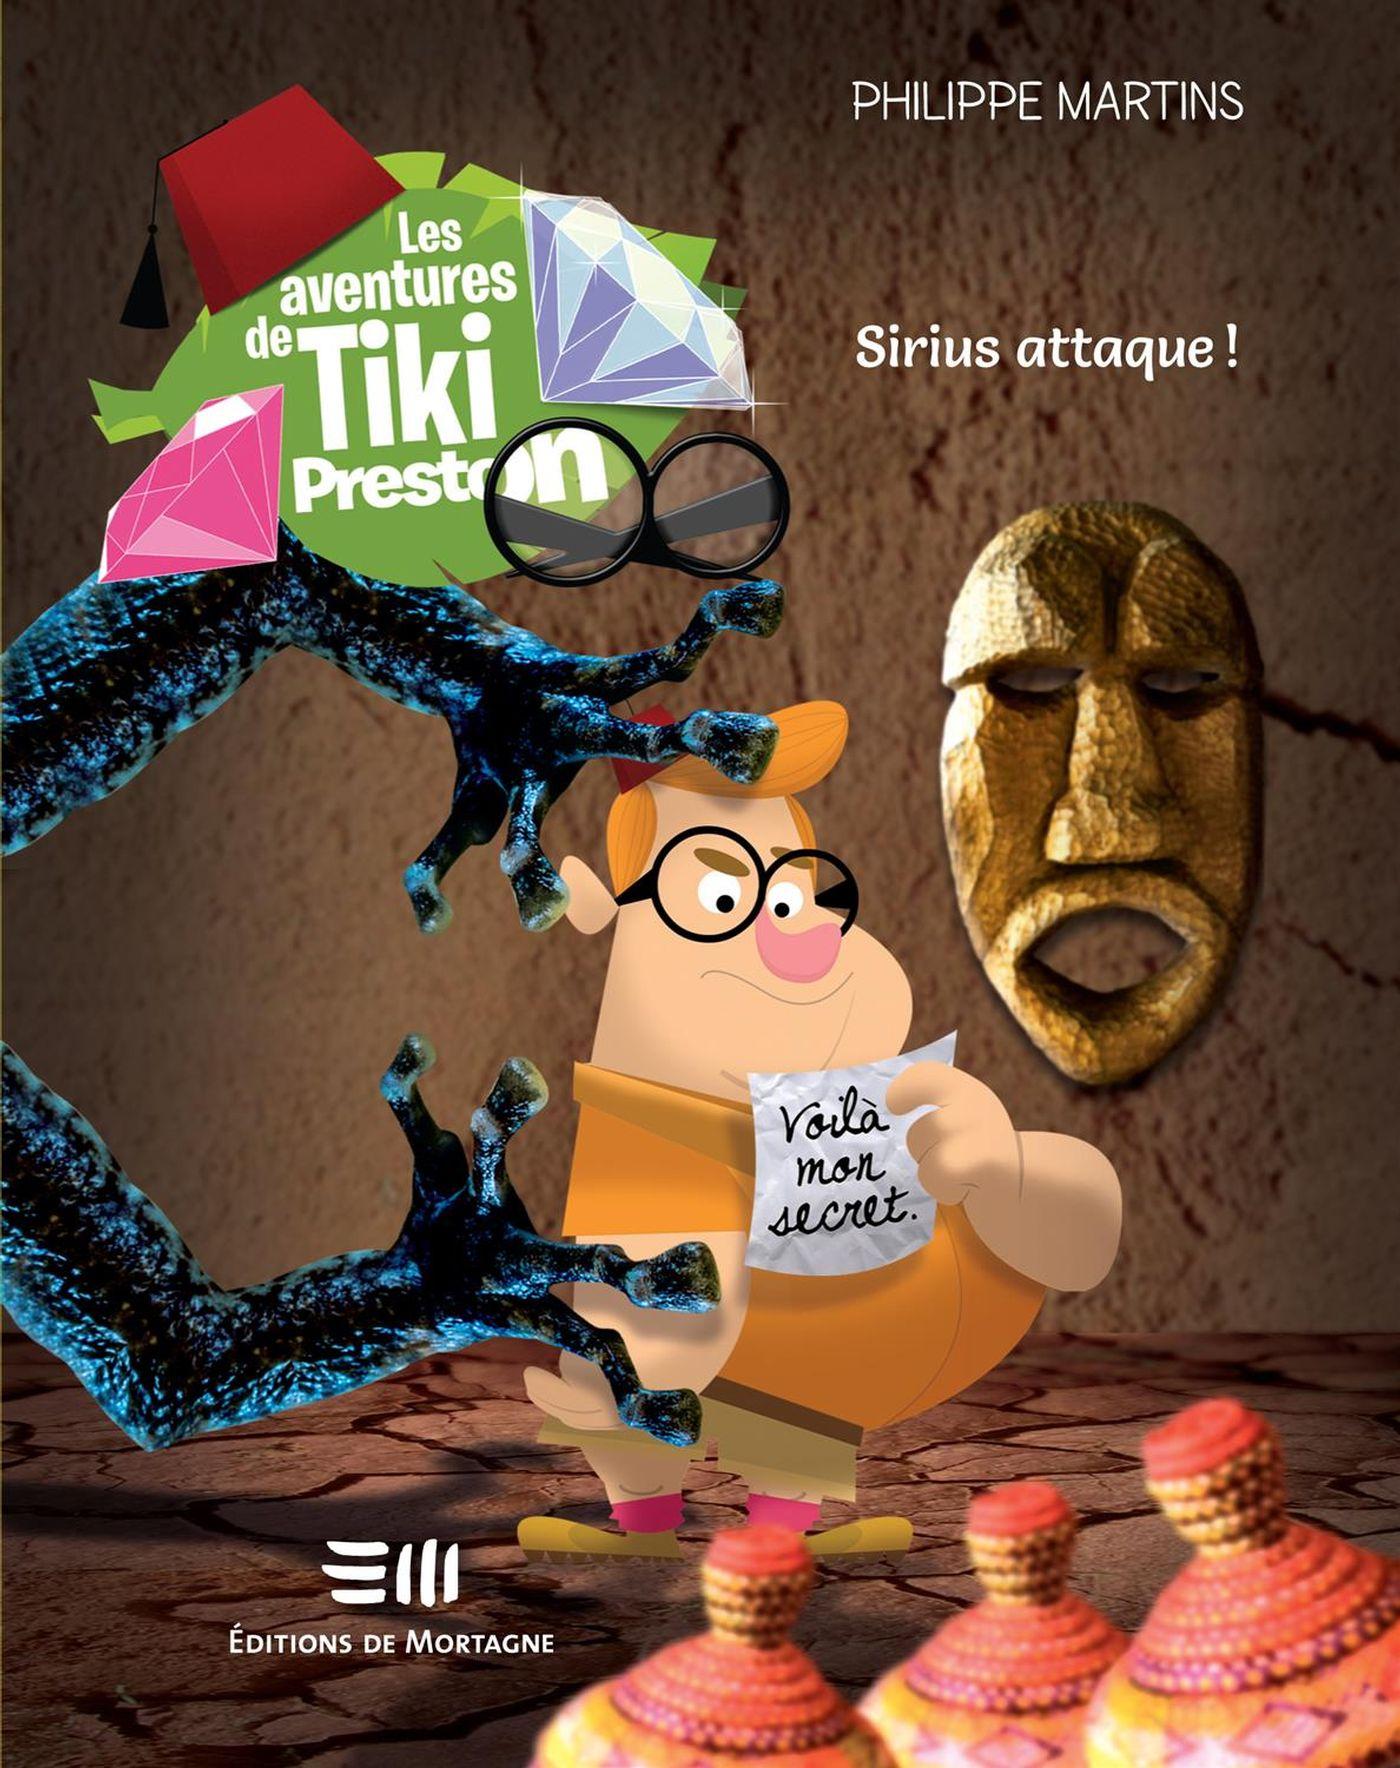 Les aventures de Tiki Preston 05 : Sirius attaque !